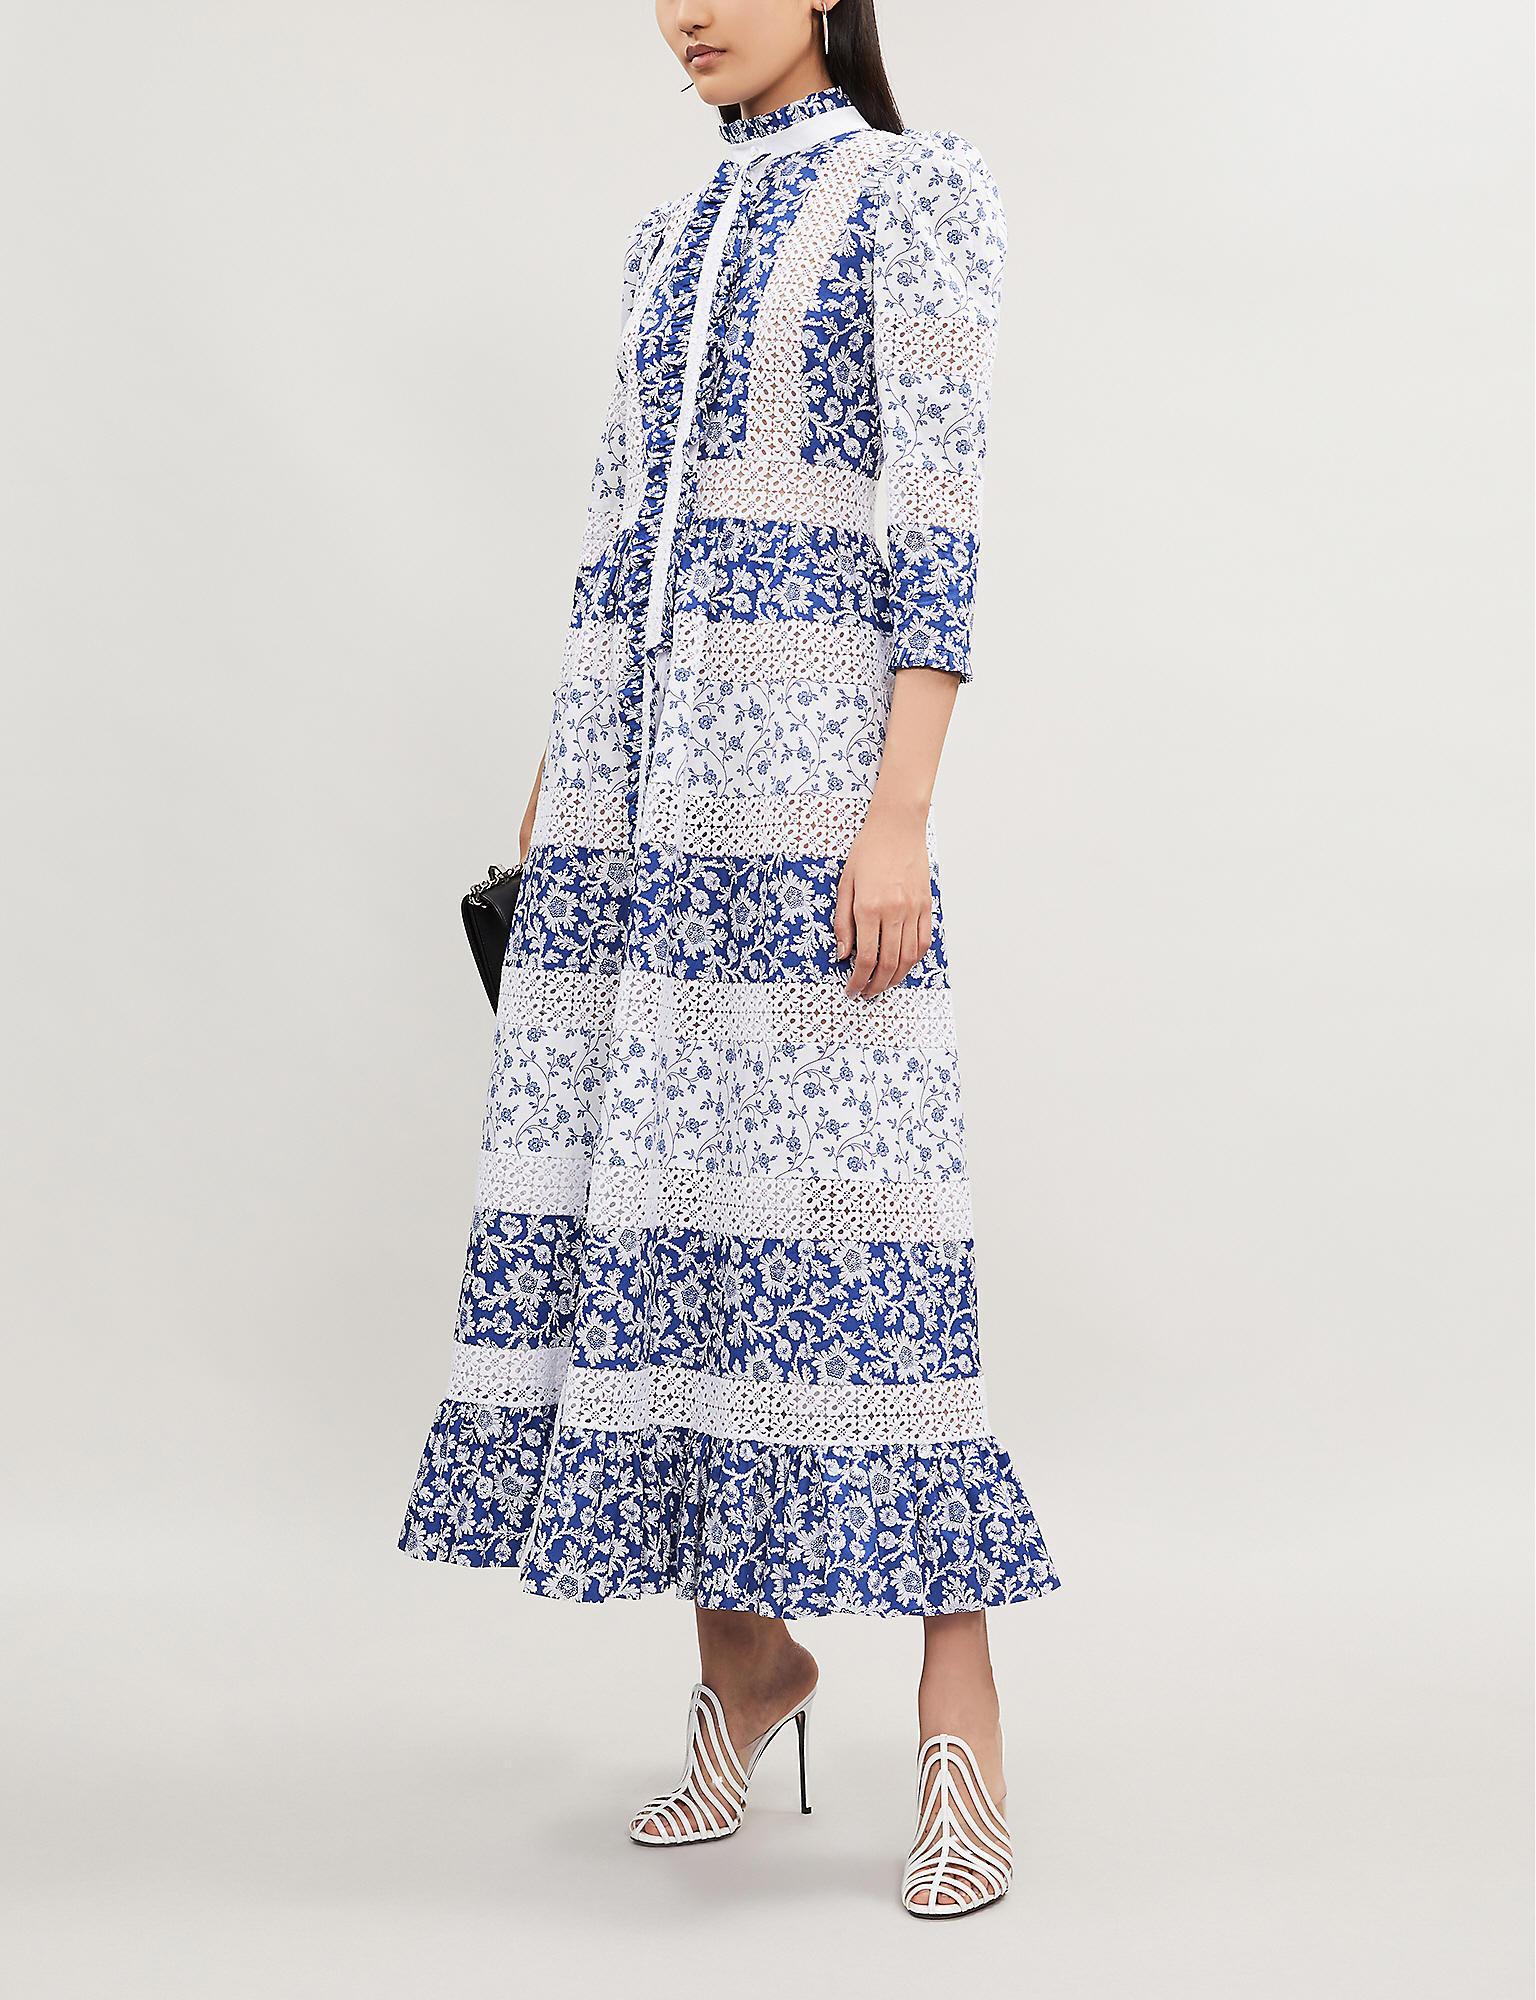 Women's Blue Printed Shirt Dress